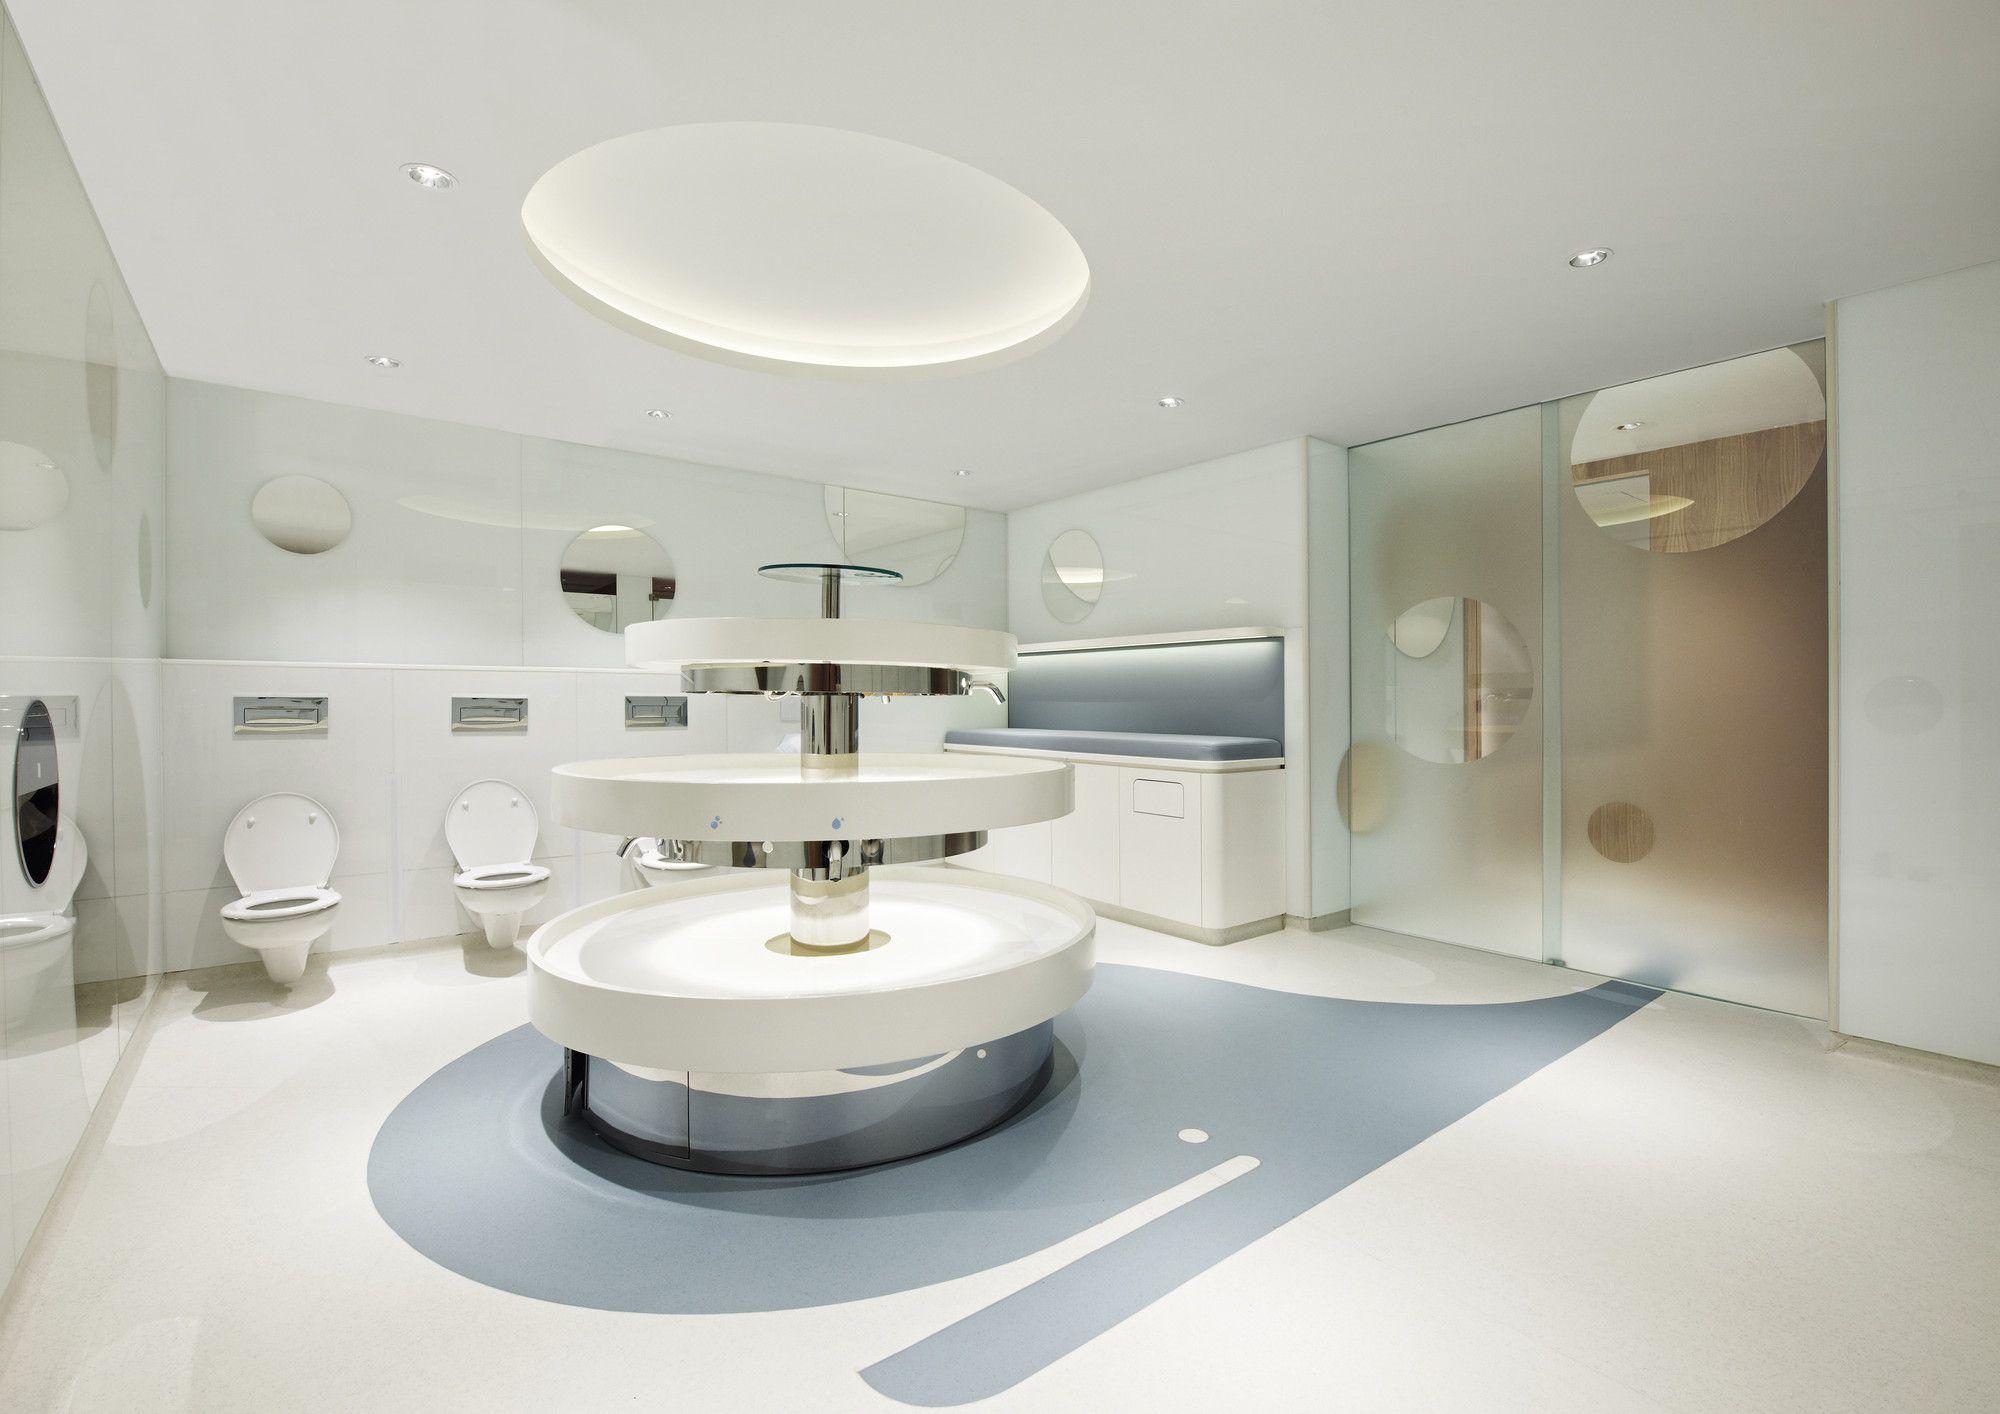 Bathroom Design Center 4. Bath Design Center Kitchen Bathroom 4 G ...